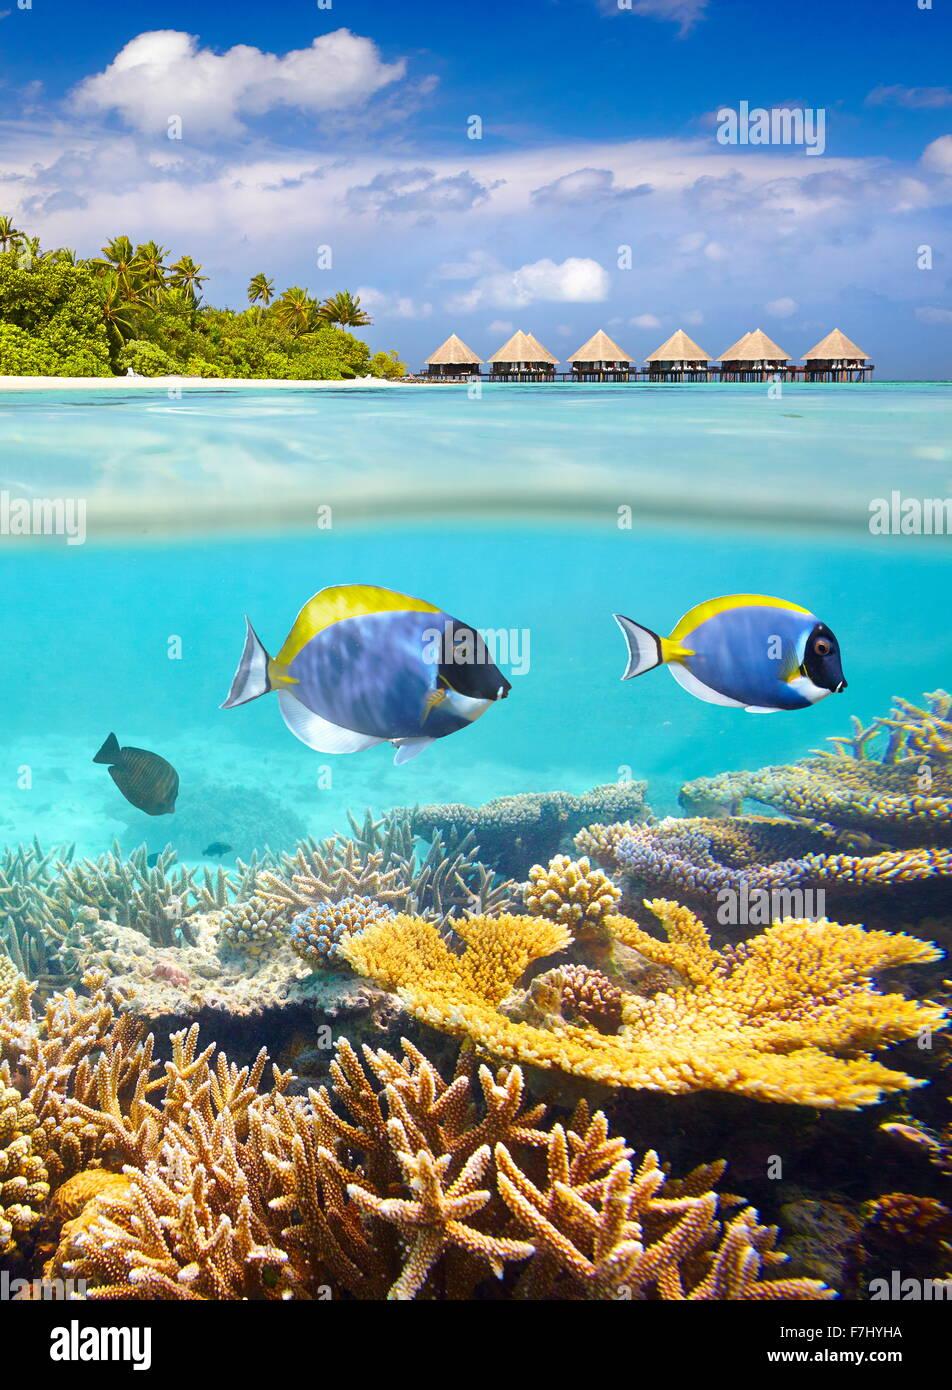 Malediven - tropischen Unterwasser-Blick mit Fische und Riffe Stockbild